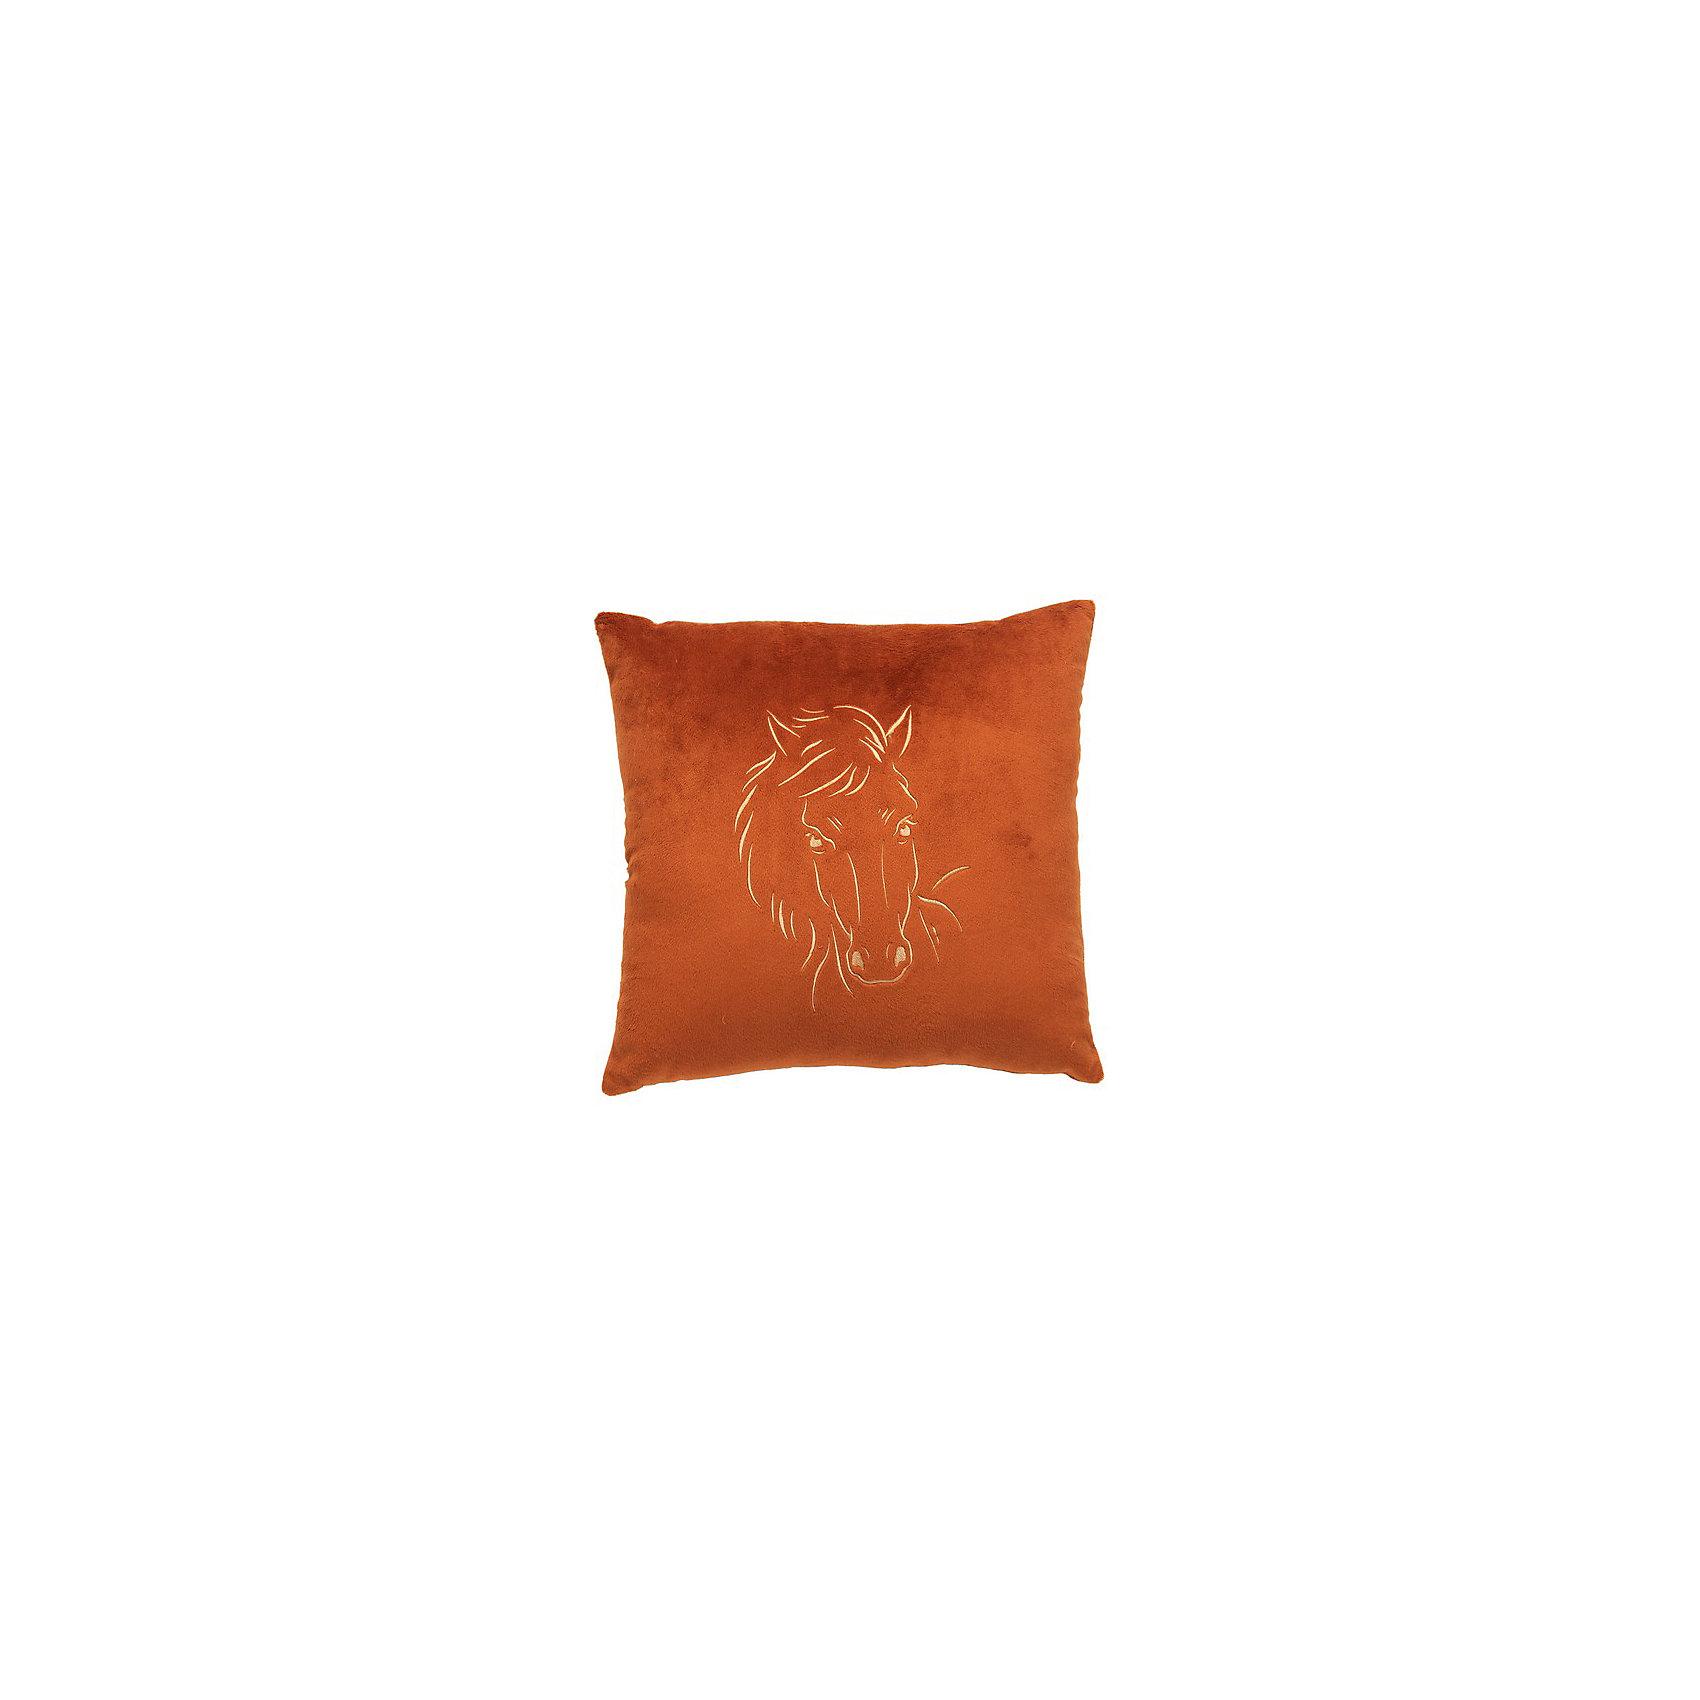 Декоративная подушка Лошадь арт. 1845-1, Small Toys, коричневыйДомашний текстиль<br>Характеристики товара:<br><br>• цвет: коричневый<br>• материал: текстиль, наполнитель<br>• размер: 31х31 см<br>• фактура: короткий искусственный мех<br>• украшена изображением лошади<br>• декоративная<br>• страна бренда: Российская Федерация<br>• страна производства: Российская Федерация<br><br>Красивая и качественная подушка может отличным подарком ребенку или взрослому. Она декорирована изображением лошади - а кто не любит этих благородных животных?! Подушка сделана из приятного на ощупь материала и мягкого наполнителя.<br>Такое изделие будет отлично смотреться в интерьерах разных стилей, добавляя в комнату уюта. Она выполнена в приятной расцветке. Швы хорошо проработаны. Изделие произведено из сертифицированных материалов, безопасных для детей.<br><br>Декоративную подушку Лошадь арт. 1845-1 от бренда Small Toys можно купить в нашем интернет-магазине.<br><br>Ширина мм: 160<br>Глубина мм: 350<br>Высота мм: 350<br>Вес г: 430<br>Возраст от месяцев: 36<br>Возраст до месяцев: 72<br>Пол: Унисекс<br>Возраст: Детский<br>SKU: 5272895